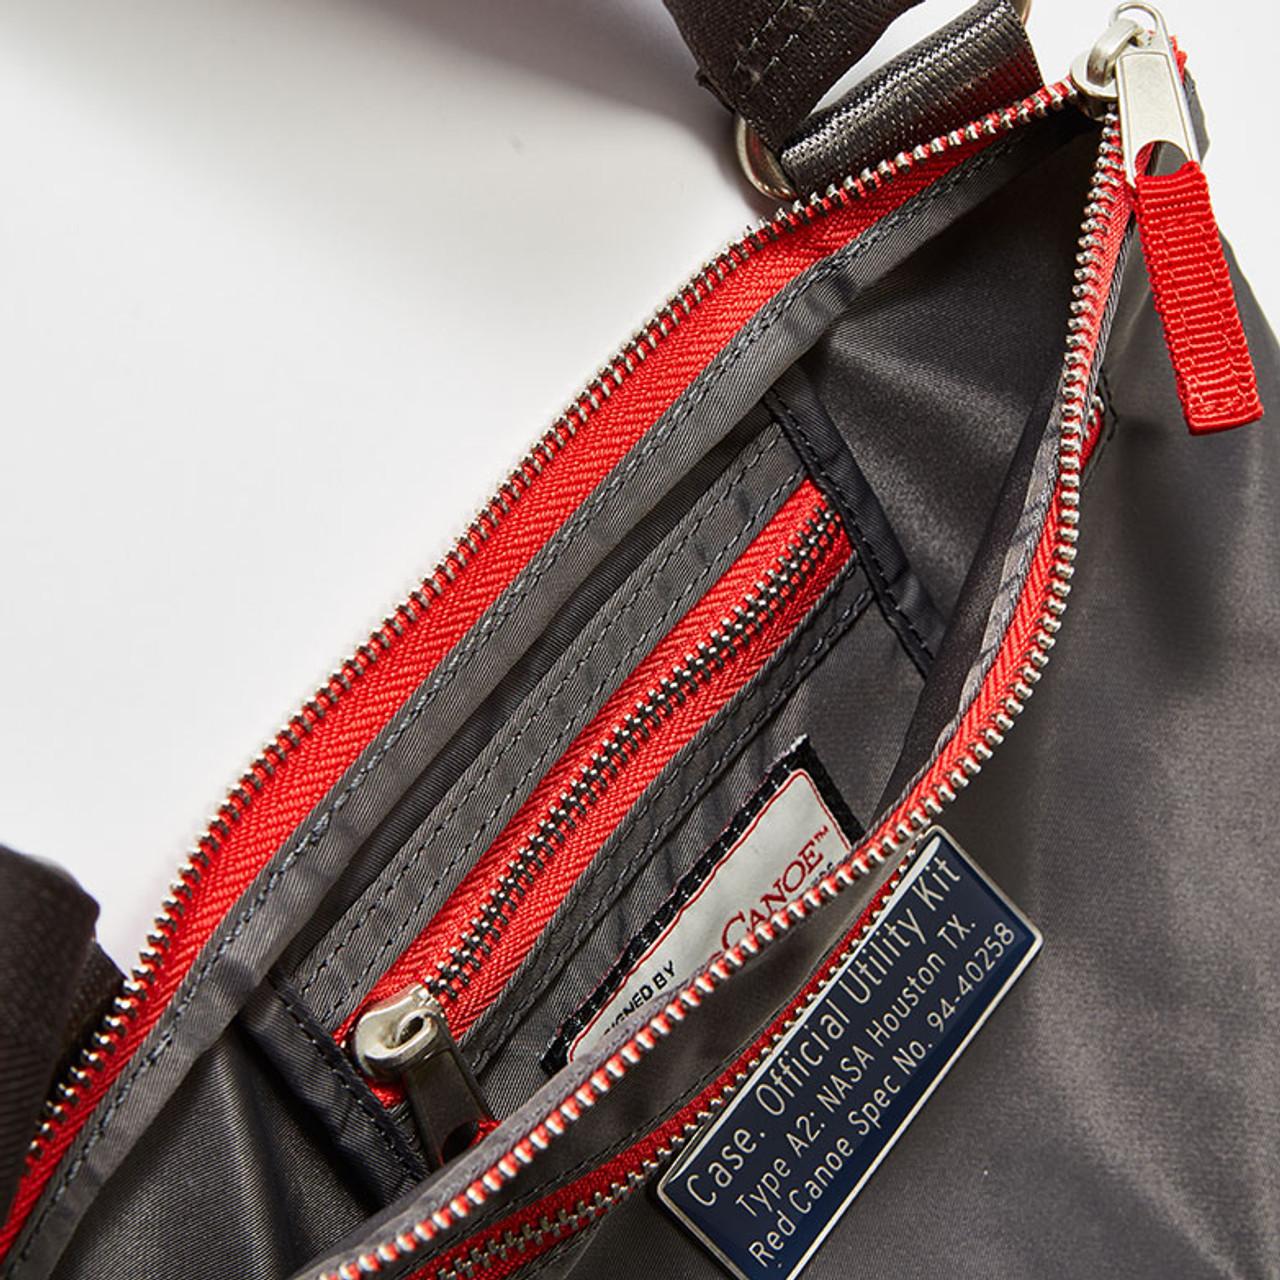 NASA Pouch Bag